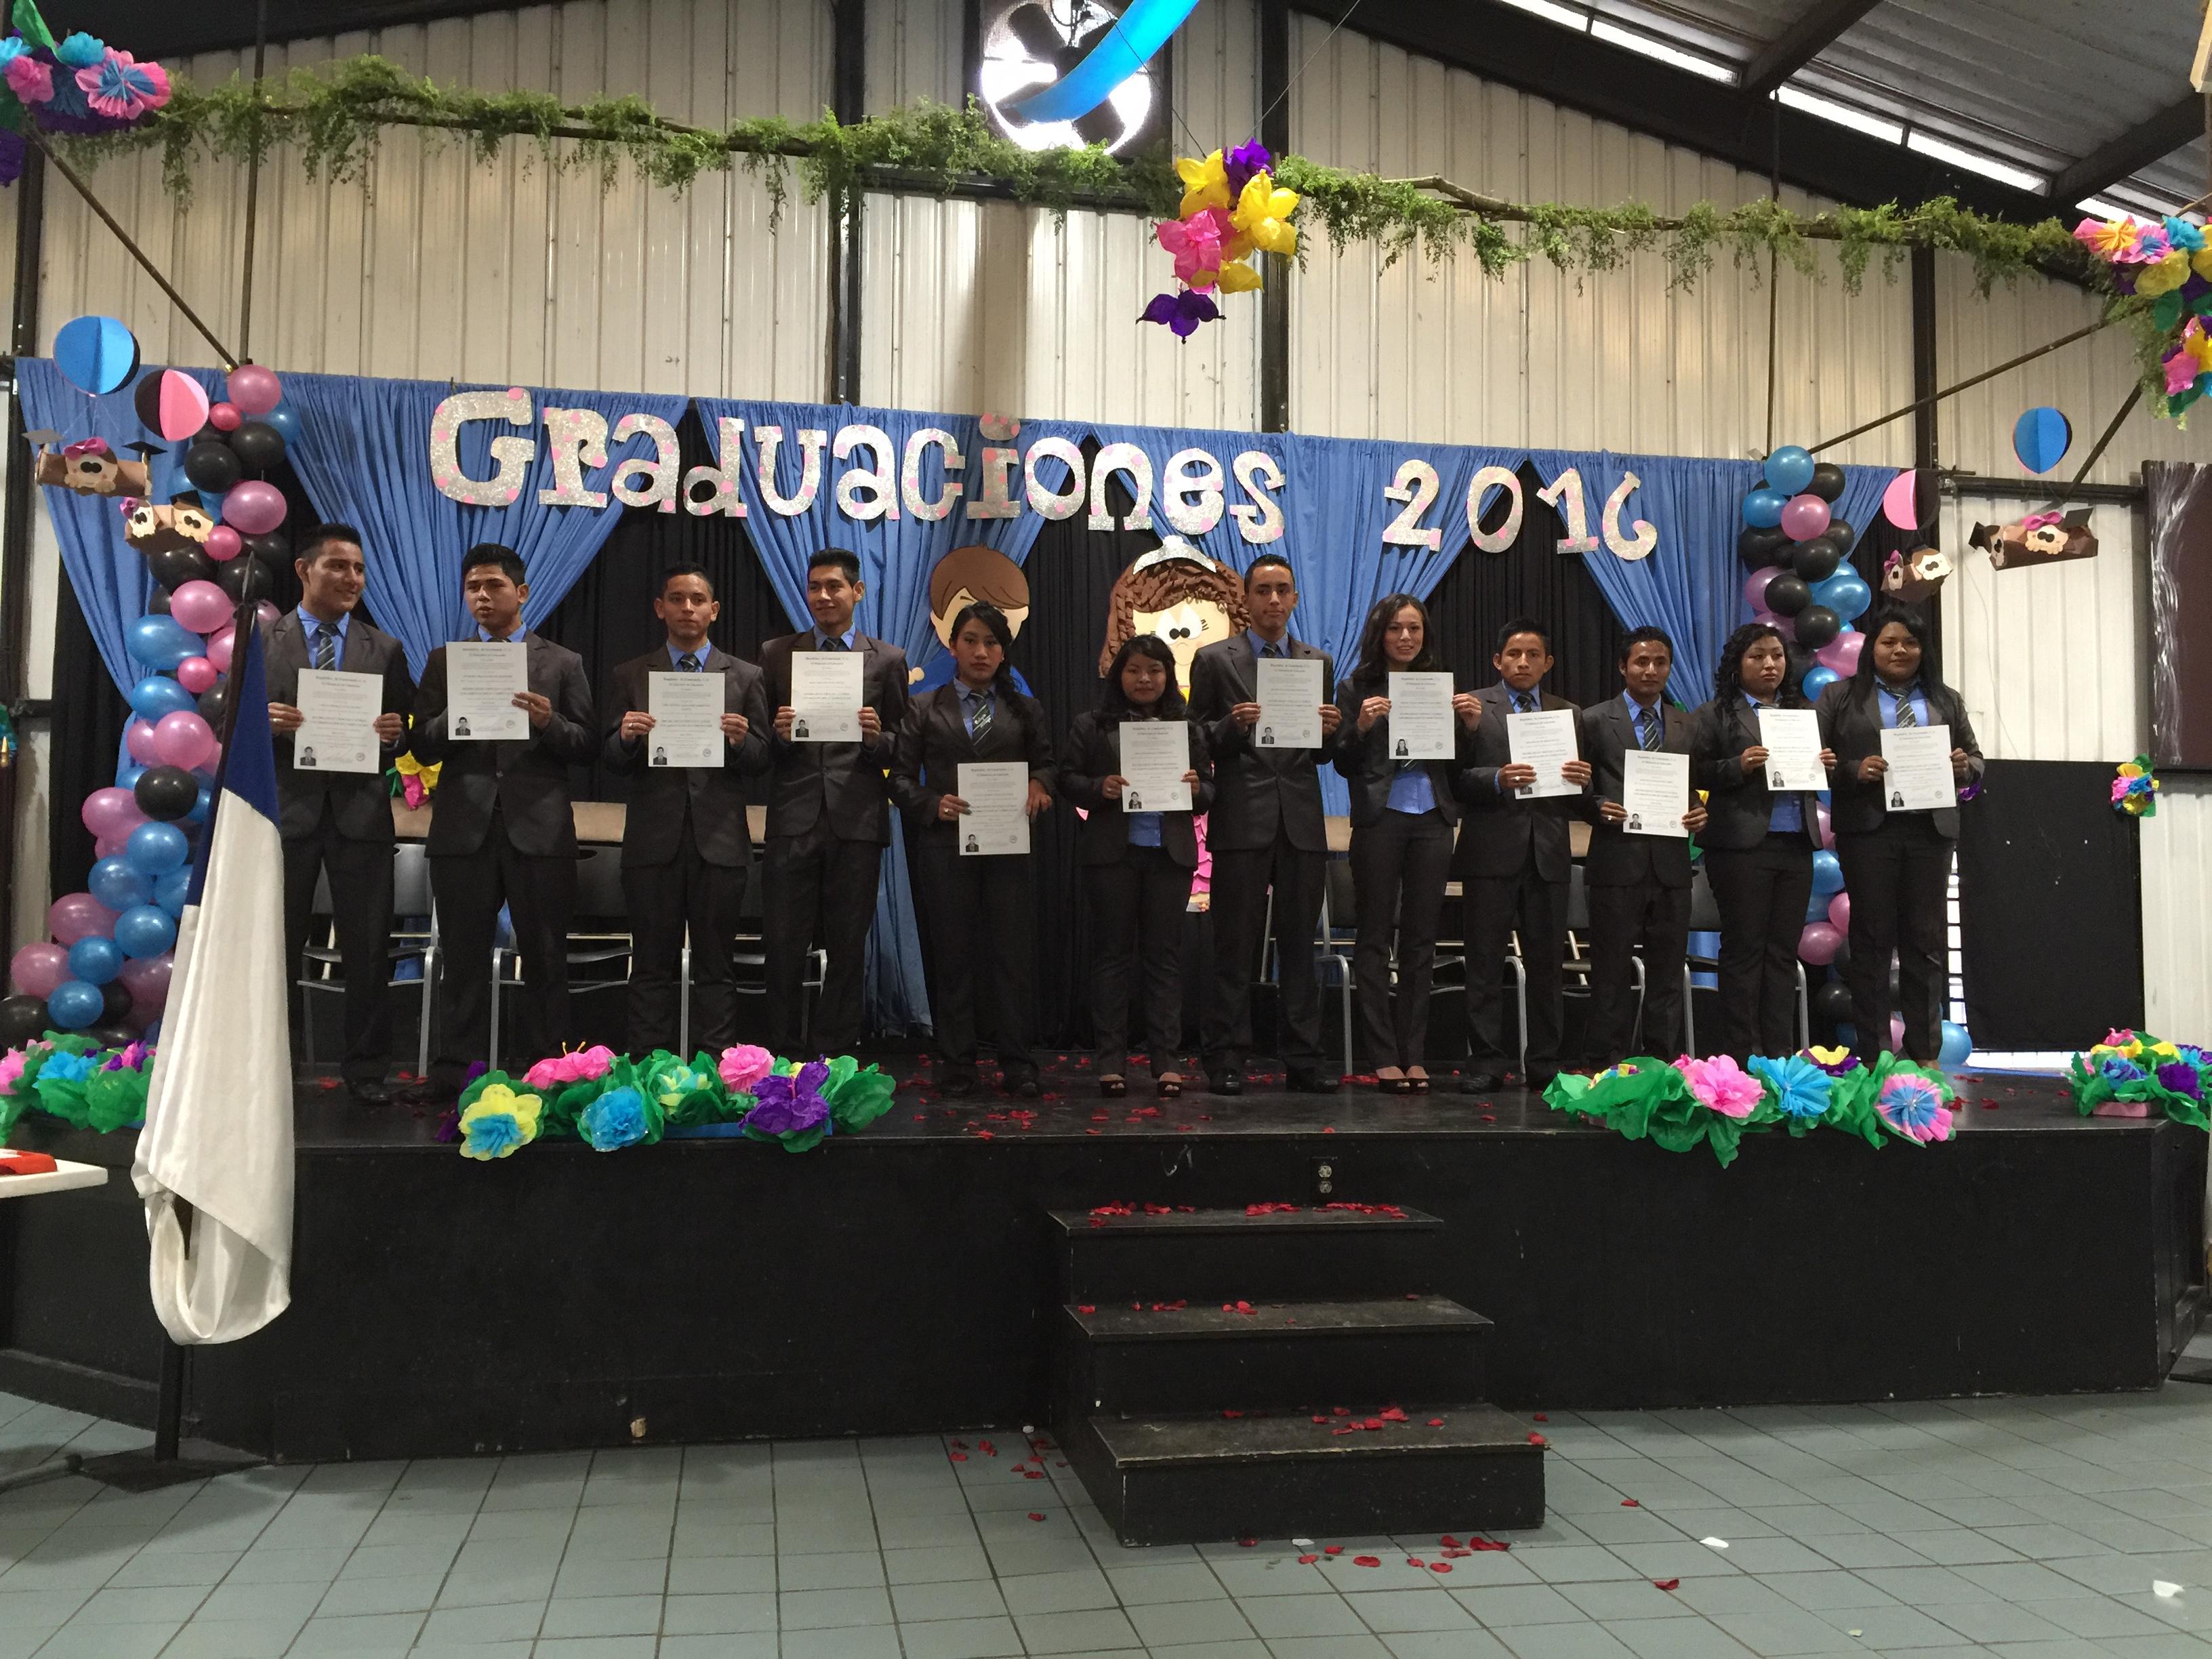 Seniors with diplomas